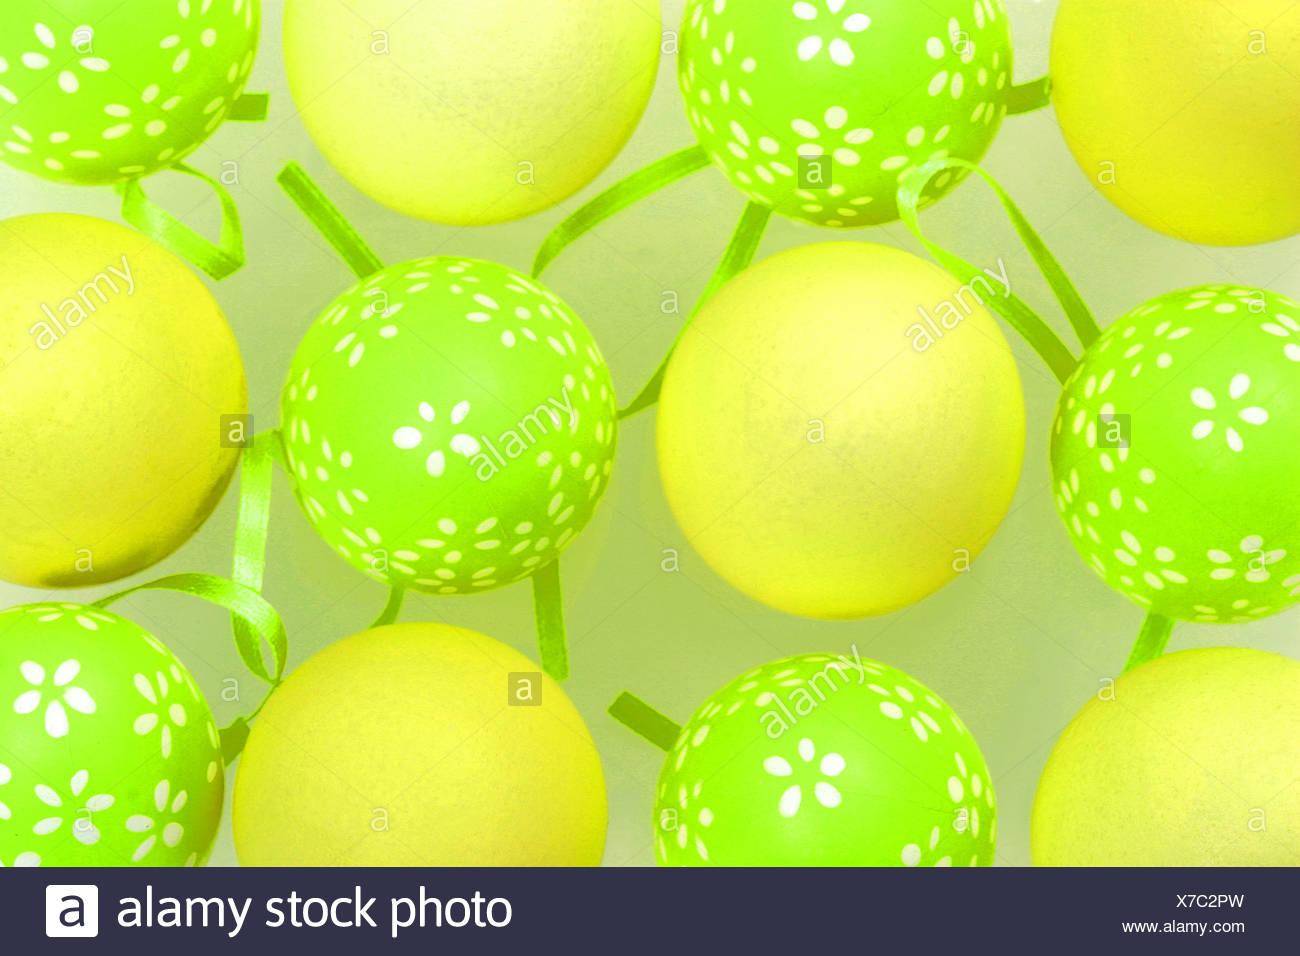 Eiern malte grünen Eiern weißen Blumenmuster, arrangiert abwechselnd blass gelben Eiern grüne Bänder zwischen ihnen Stockbild